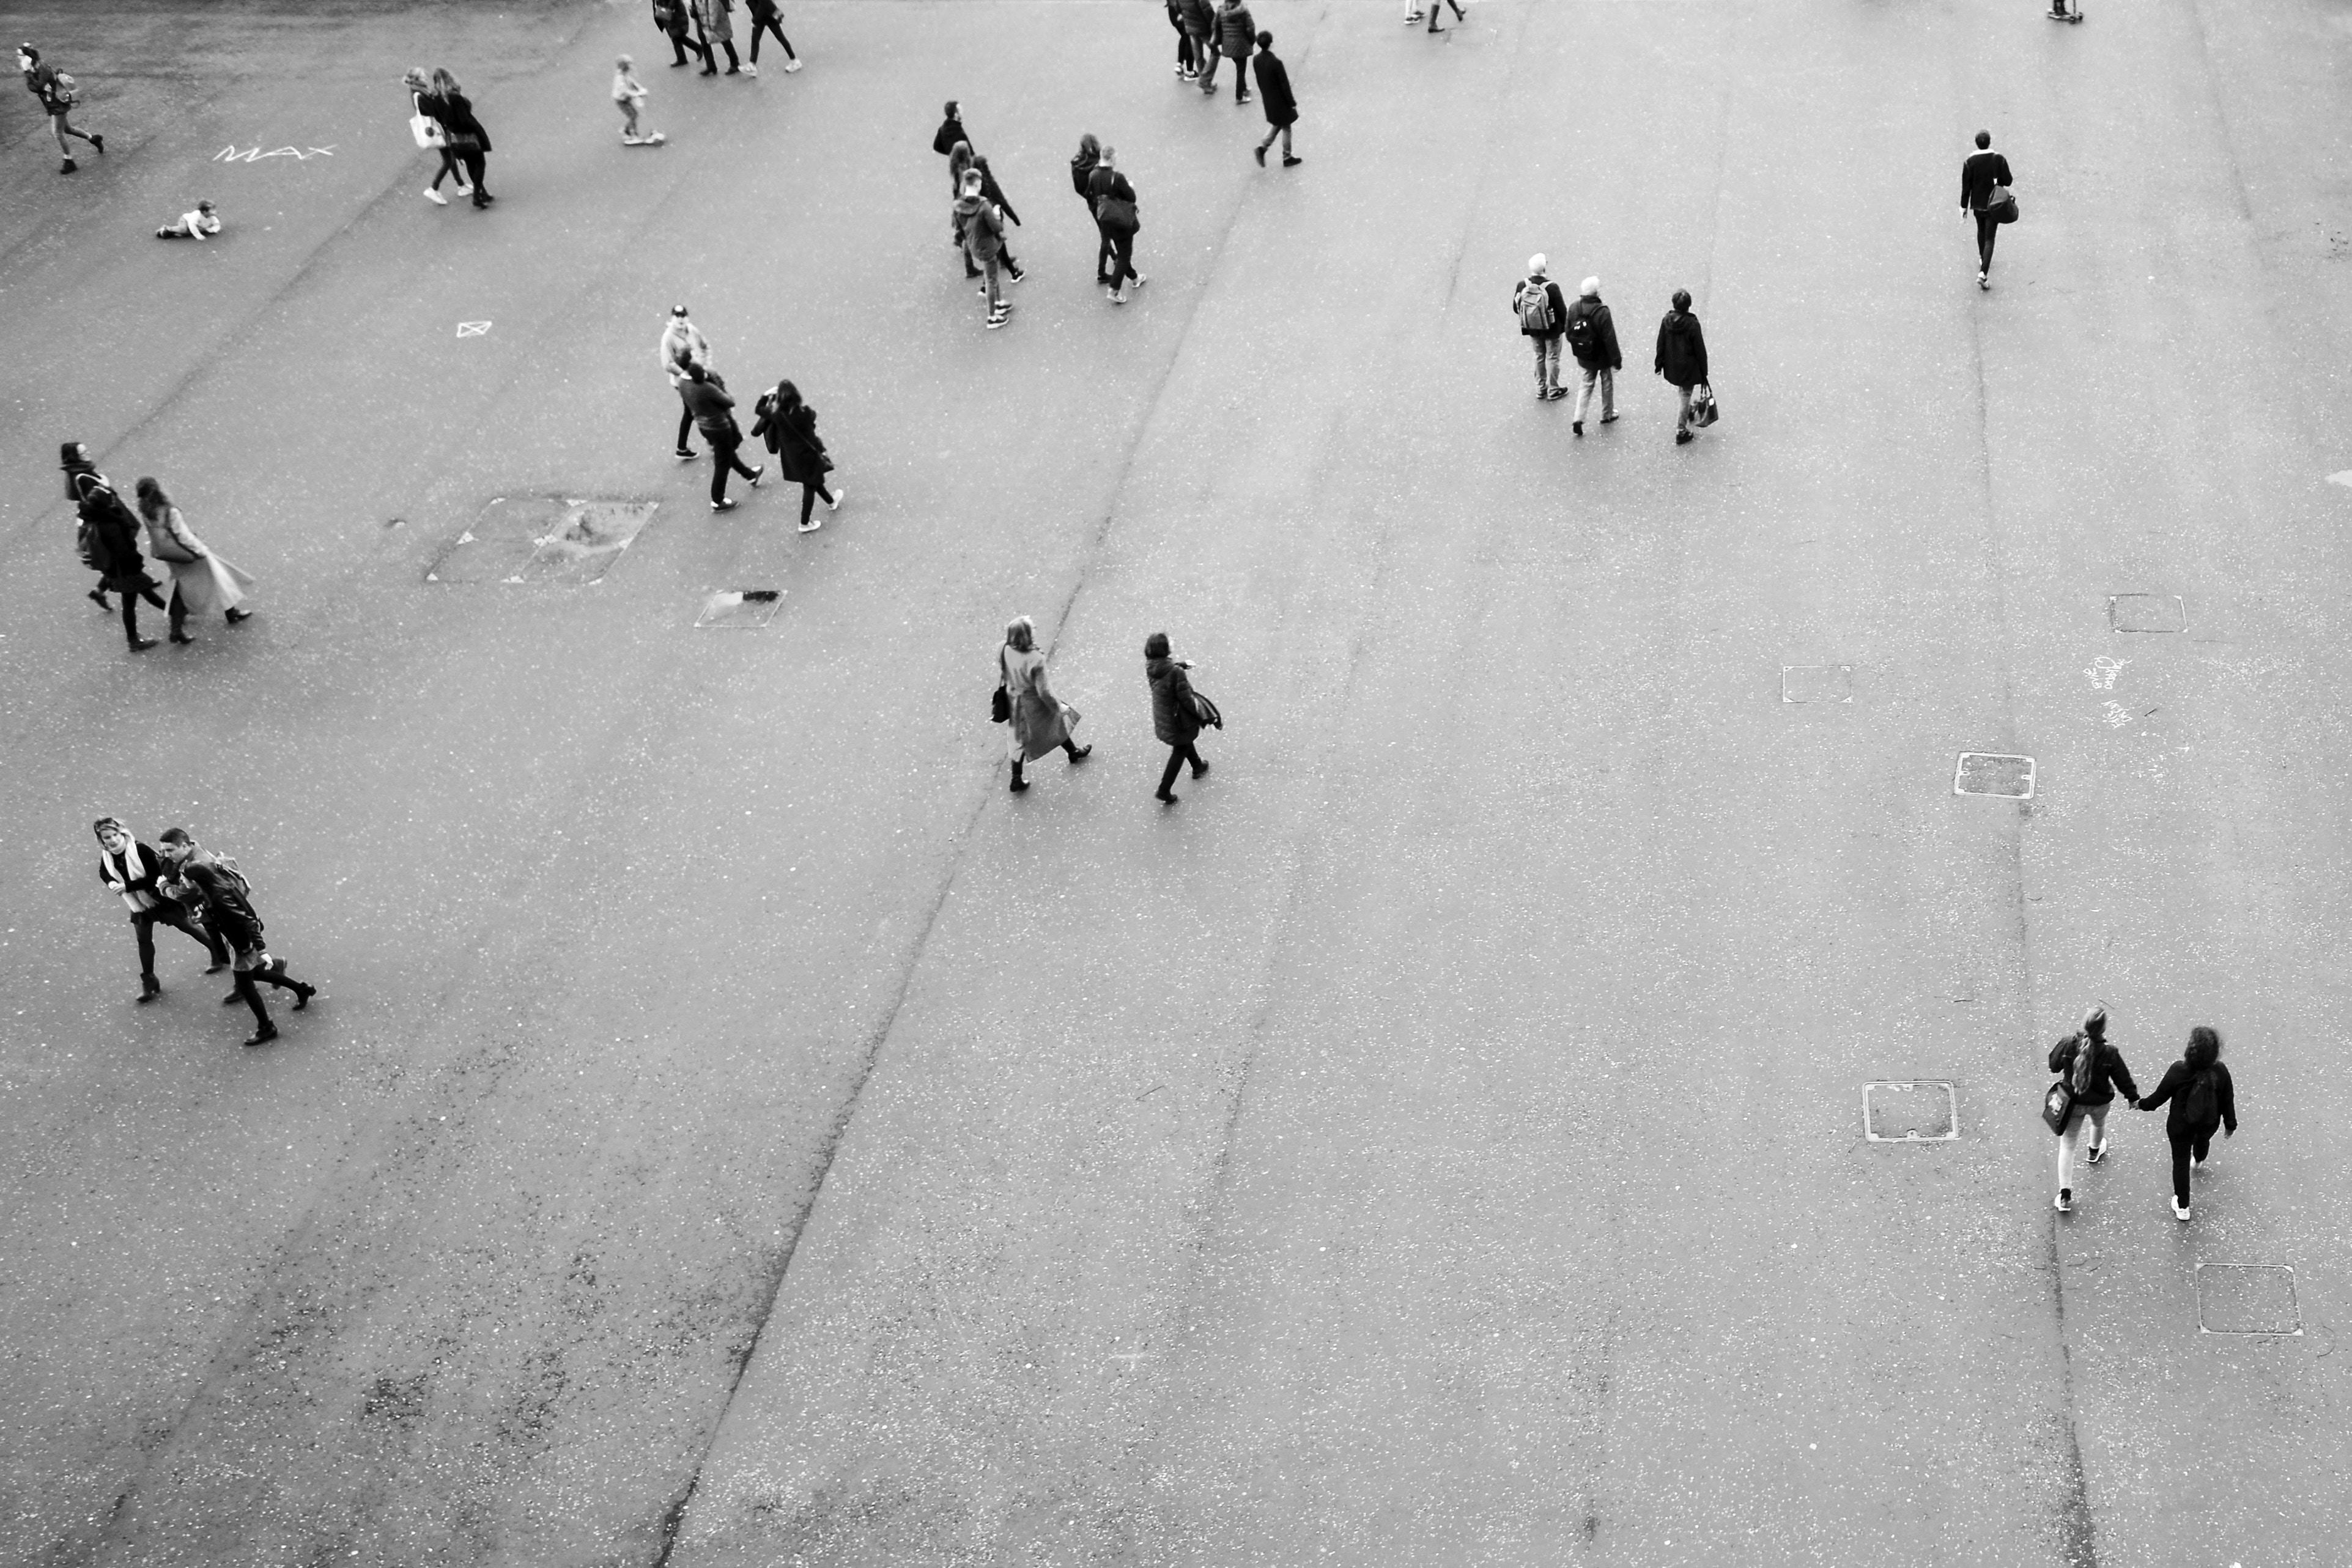 در نکوهش برخی رفتارهای اجتماعی - روز اول: از کجا شروع شد